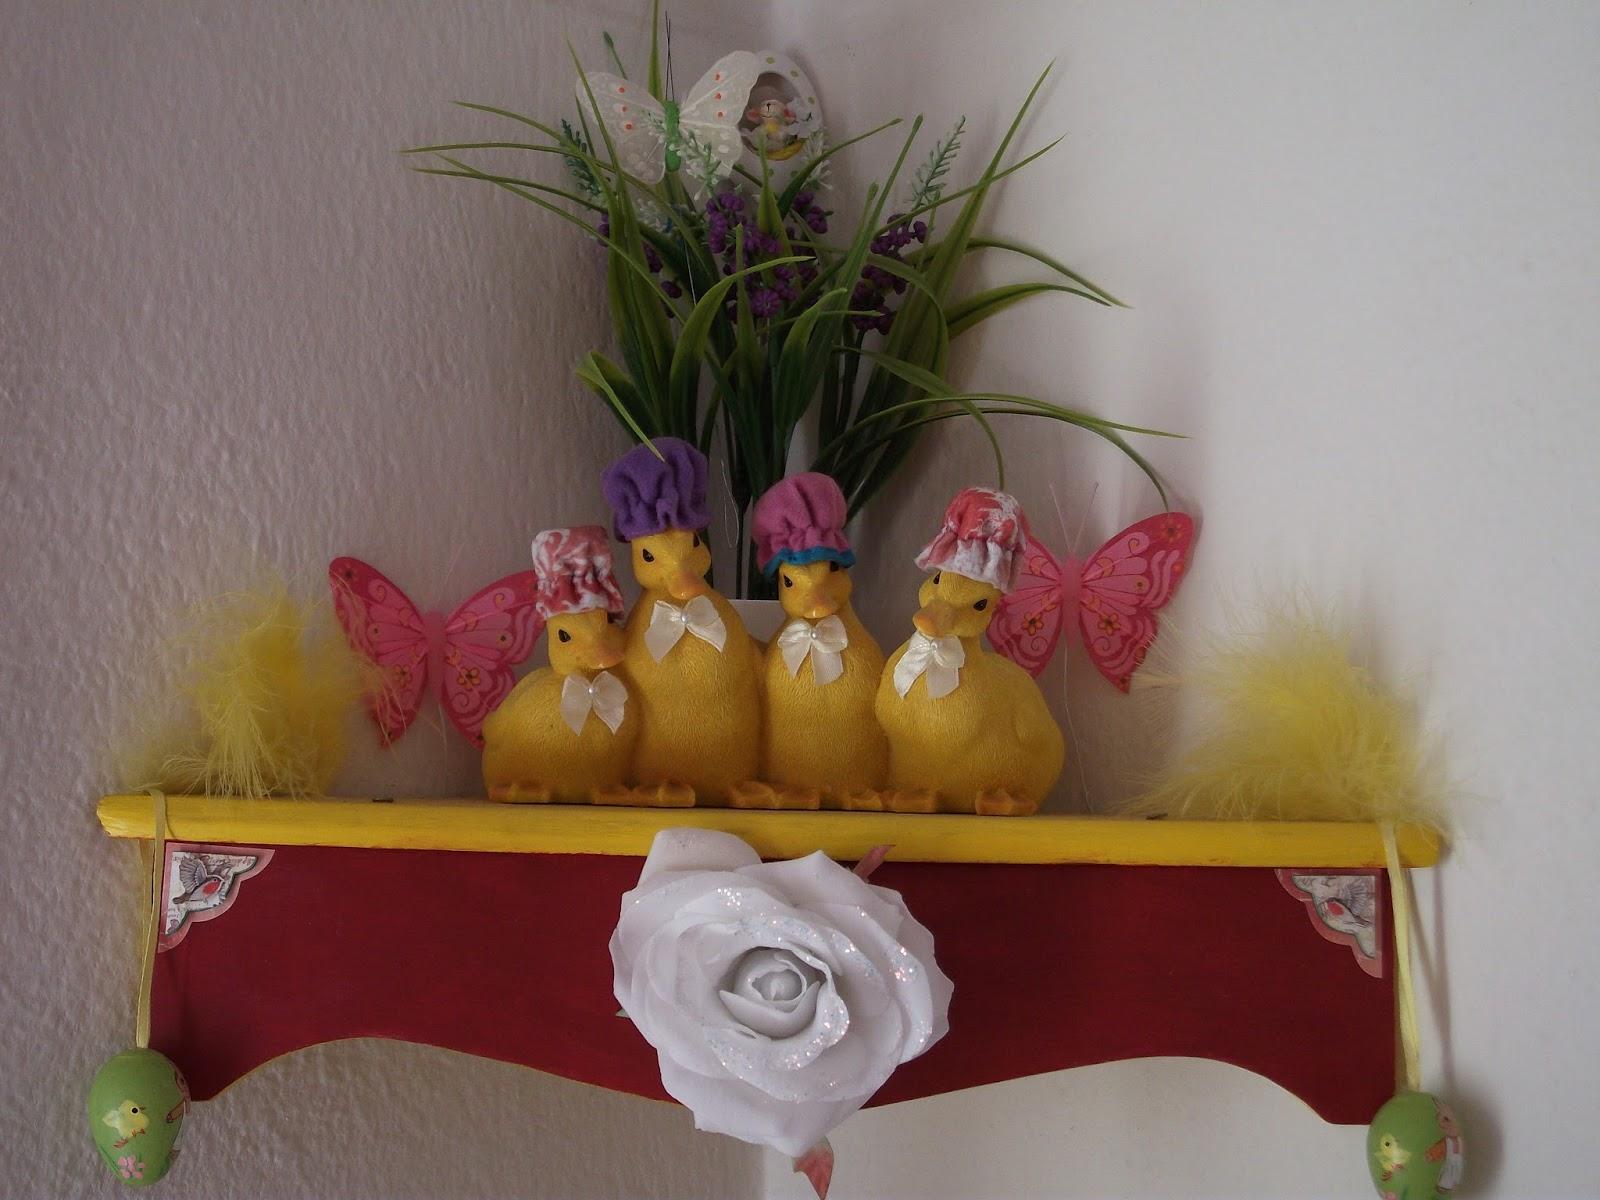 No solo de punto de cruz decorazioni pasquali come valorizzare una piccola mensola con le papere - Addobbi pasquali per casa ...